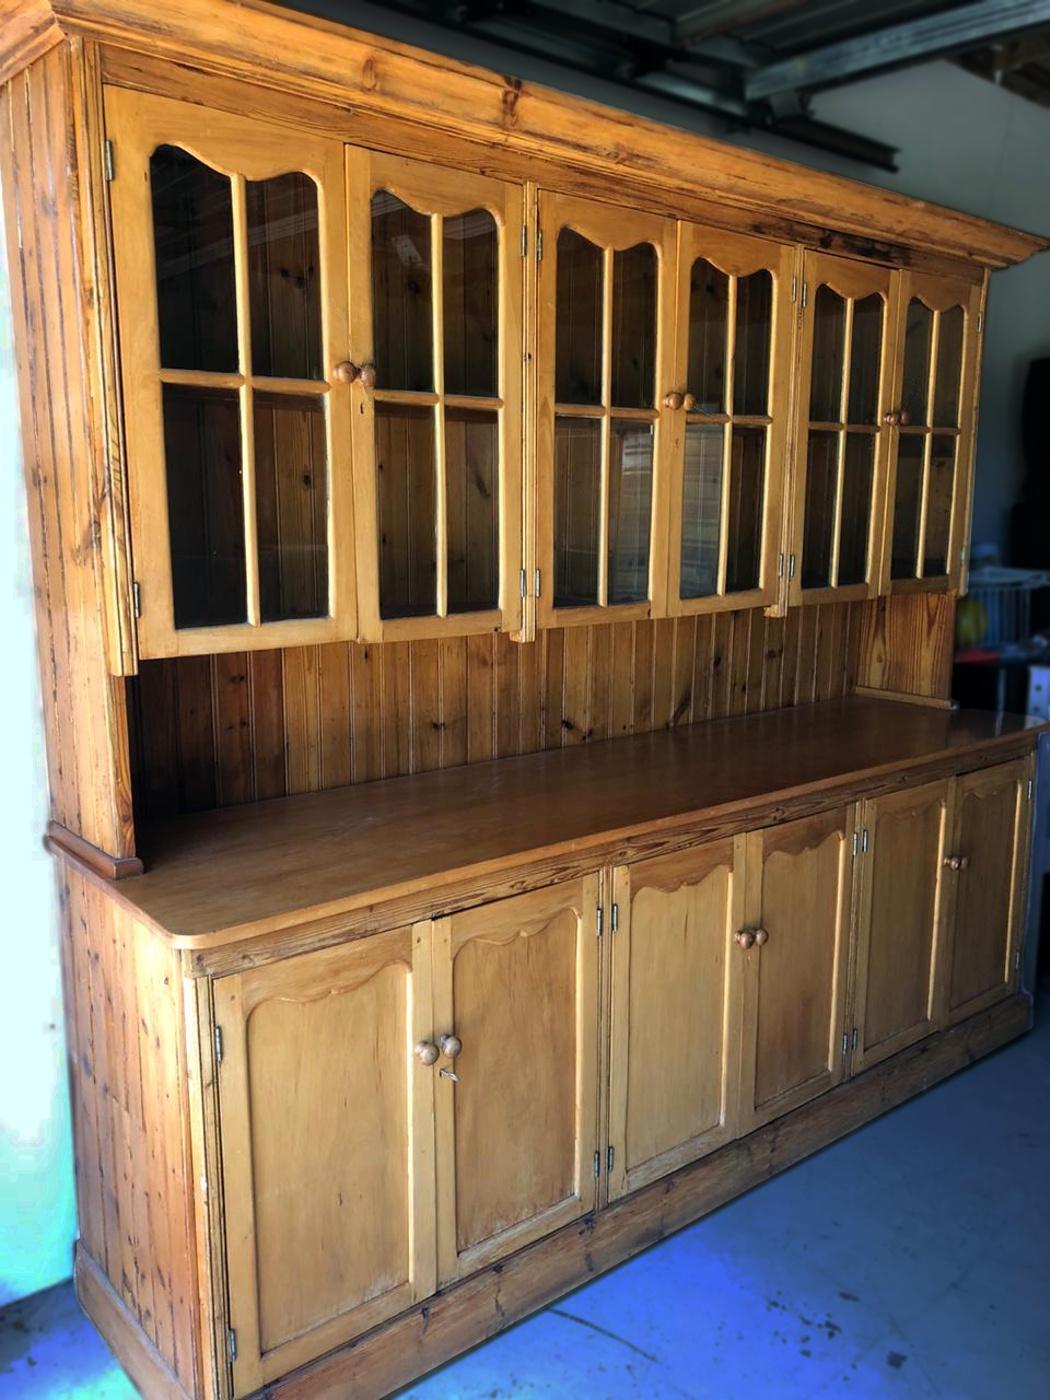 Antique Cape Dutch Yellowwood Cabinet for sale Bellville Cape Town